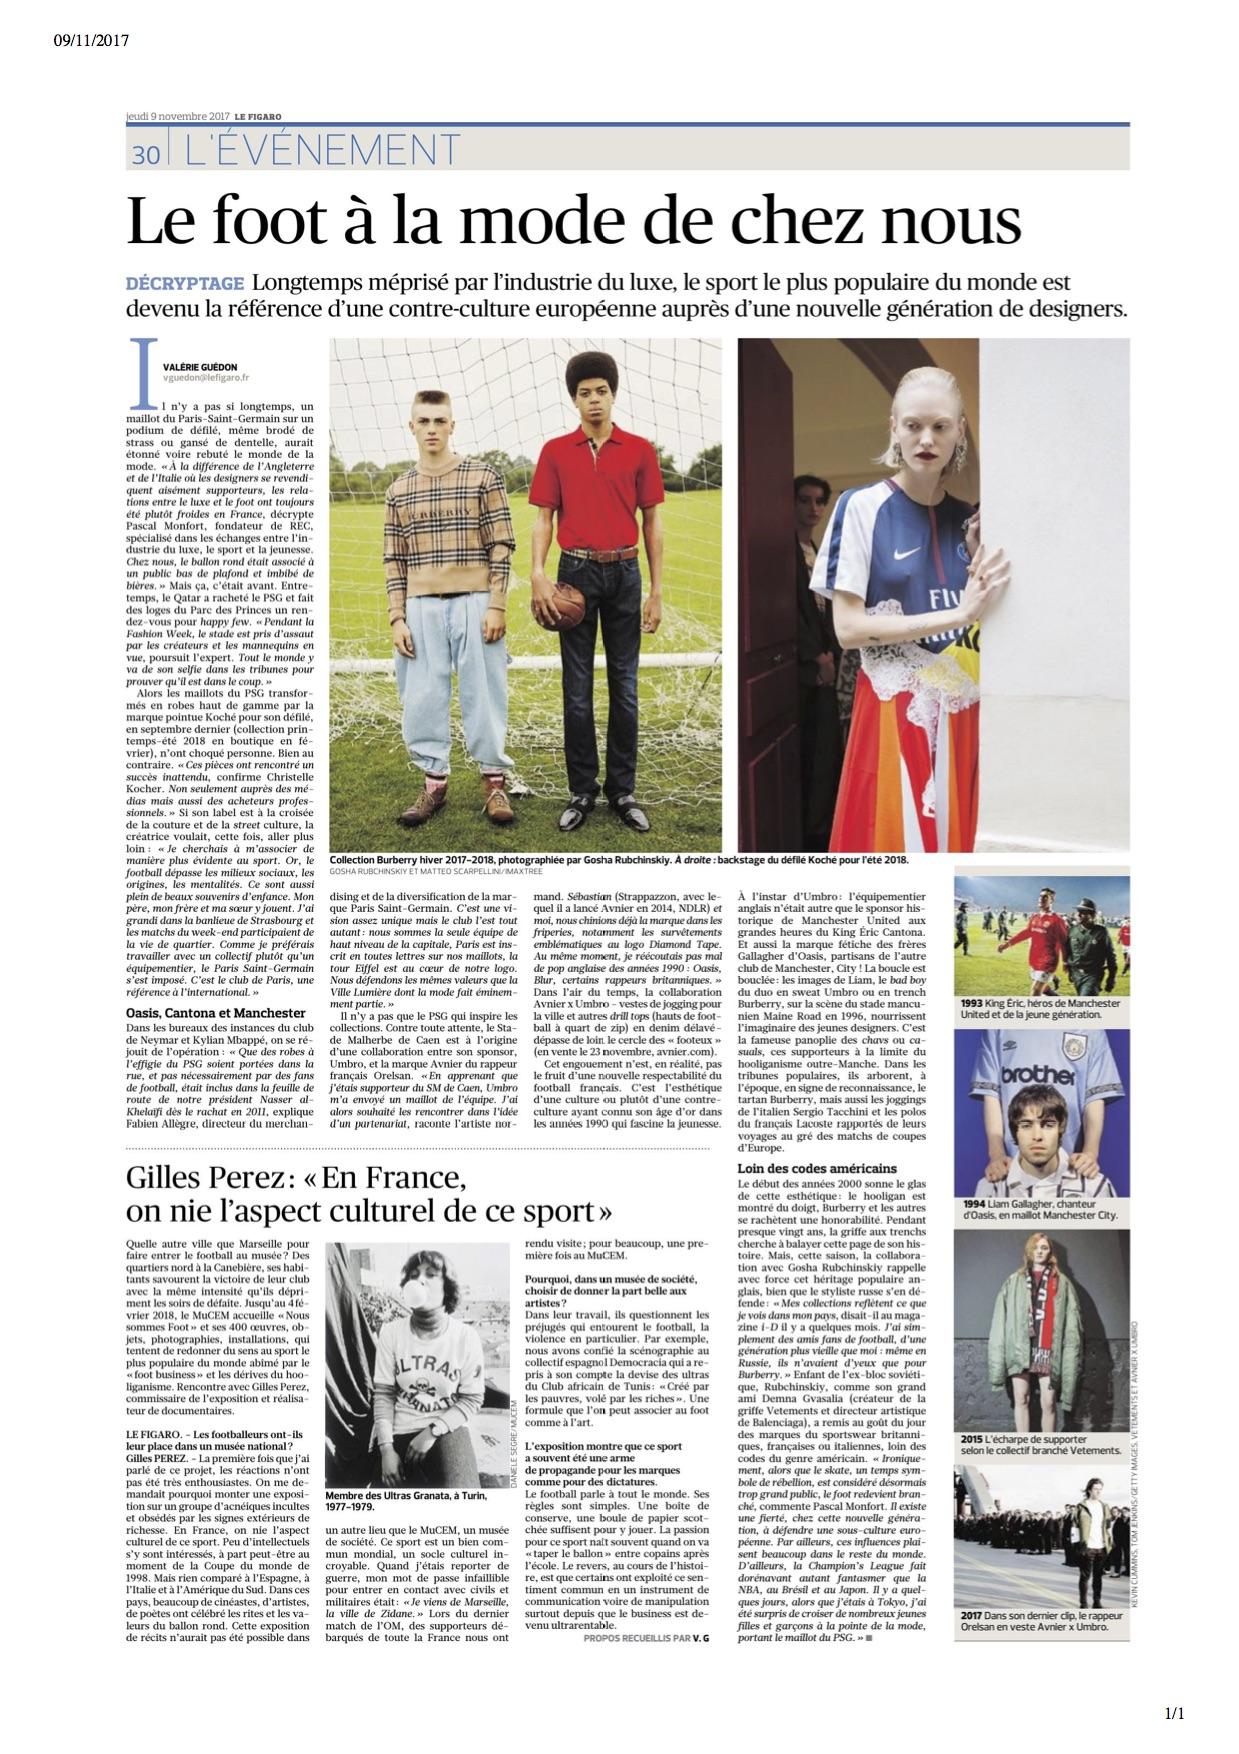 FRANCE Le Figaro et Vous 9 novembre 2017_2.jpg